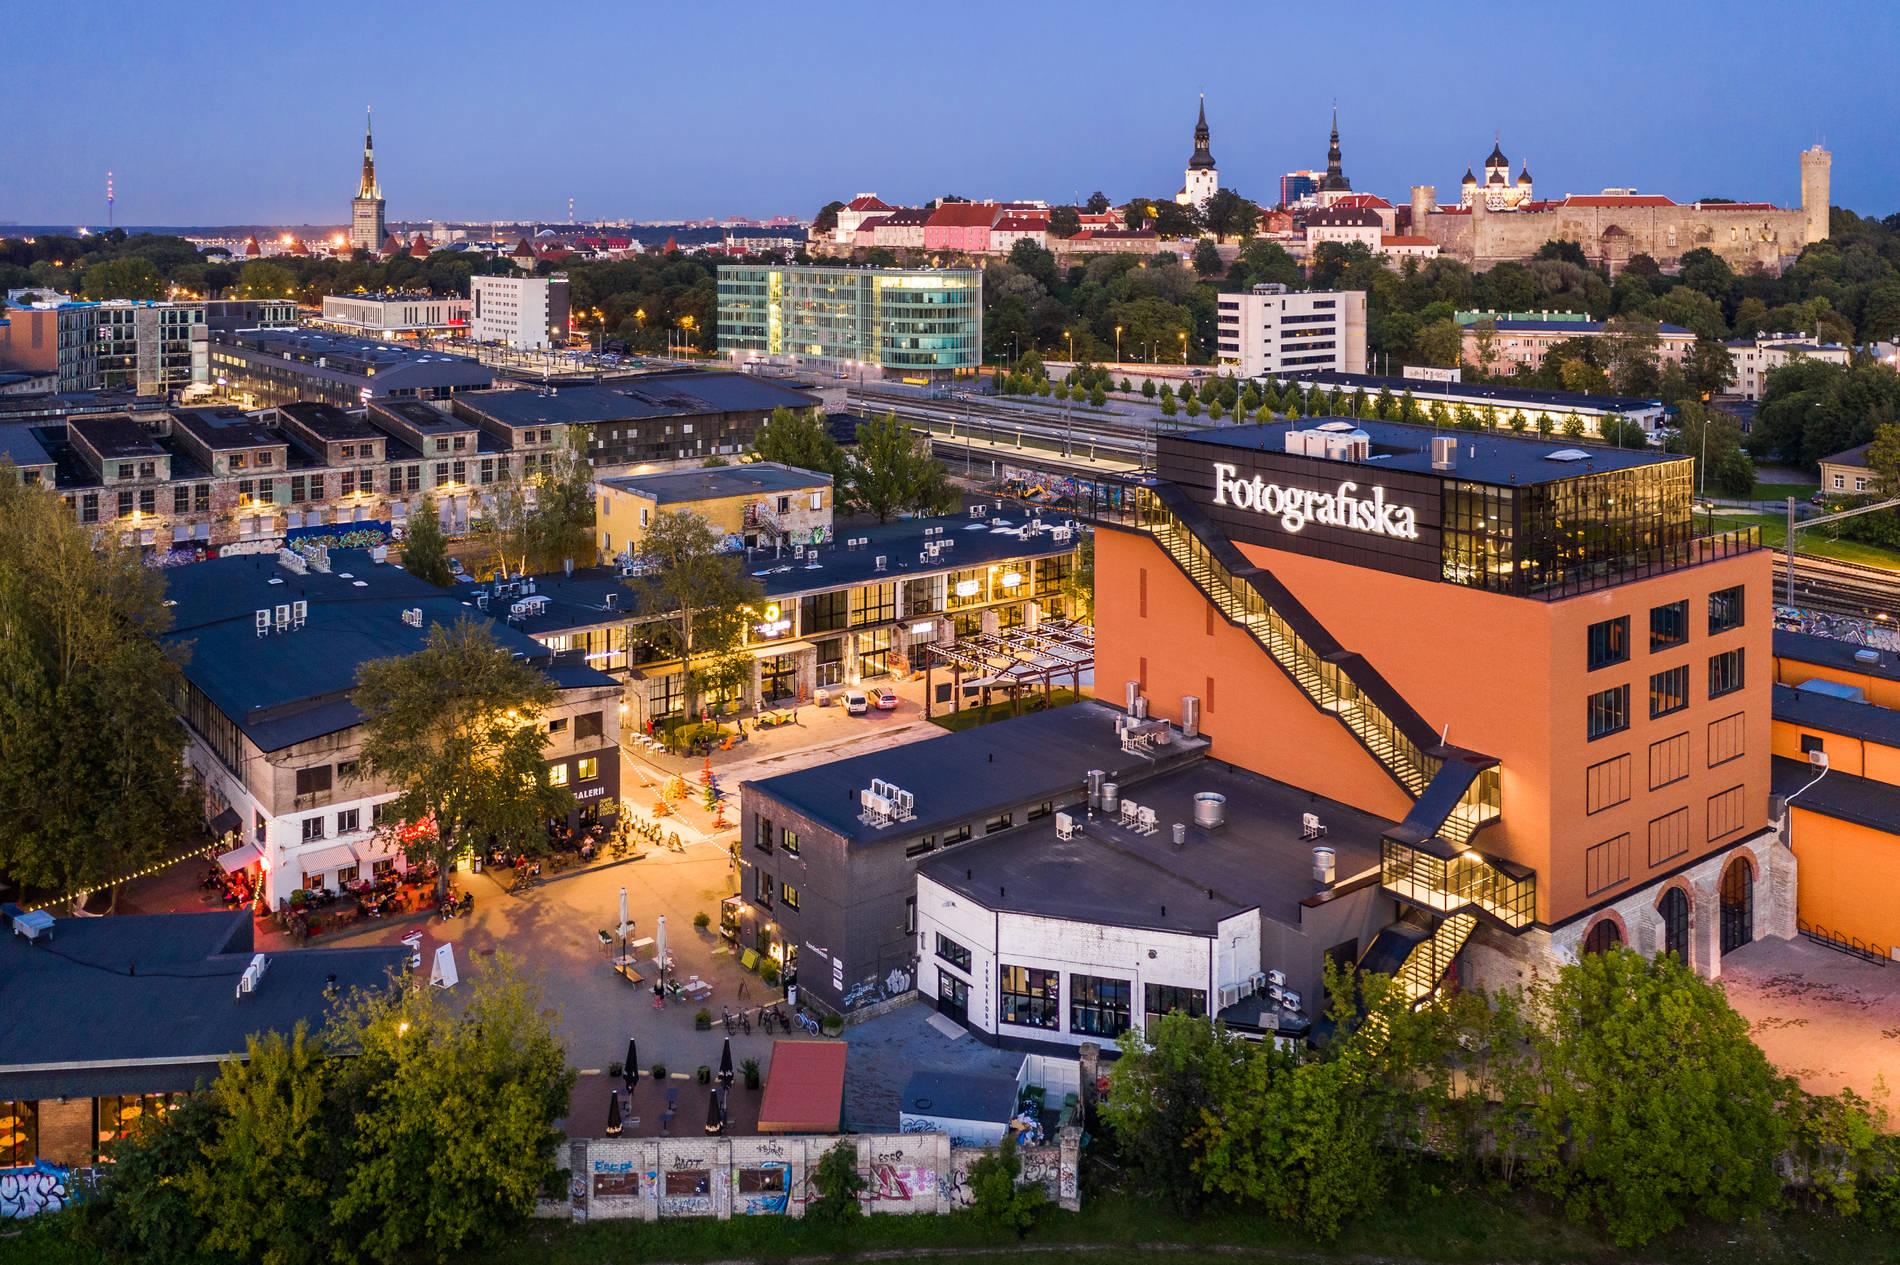 Креативный городок Теллискиви и центр фотоискусства Fotografiska Таллинн, Эстония